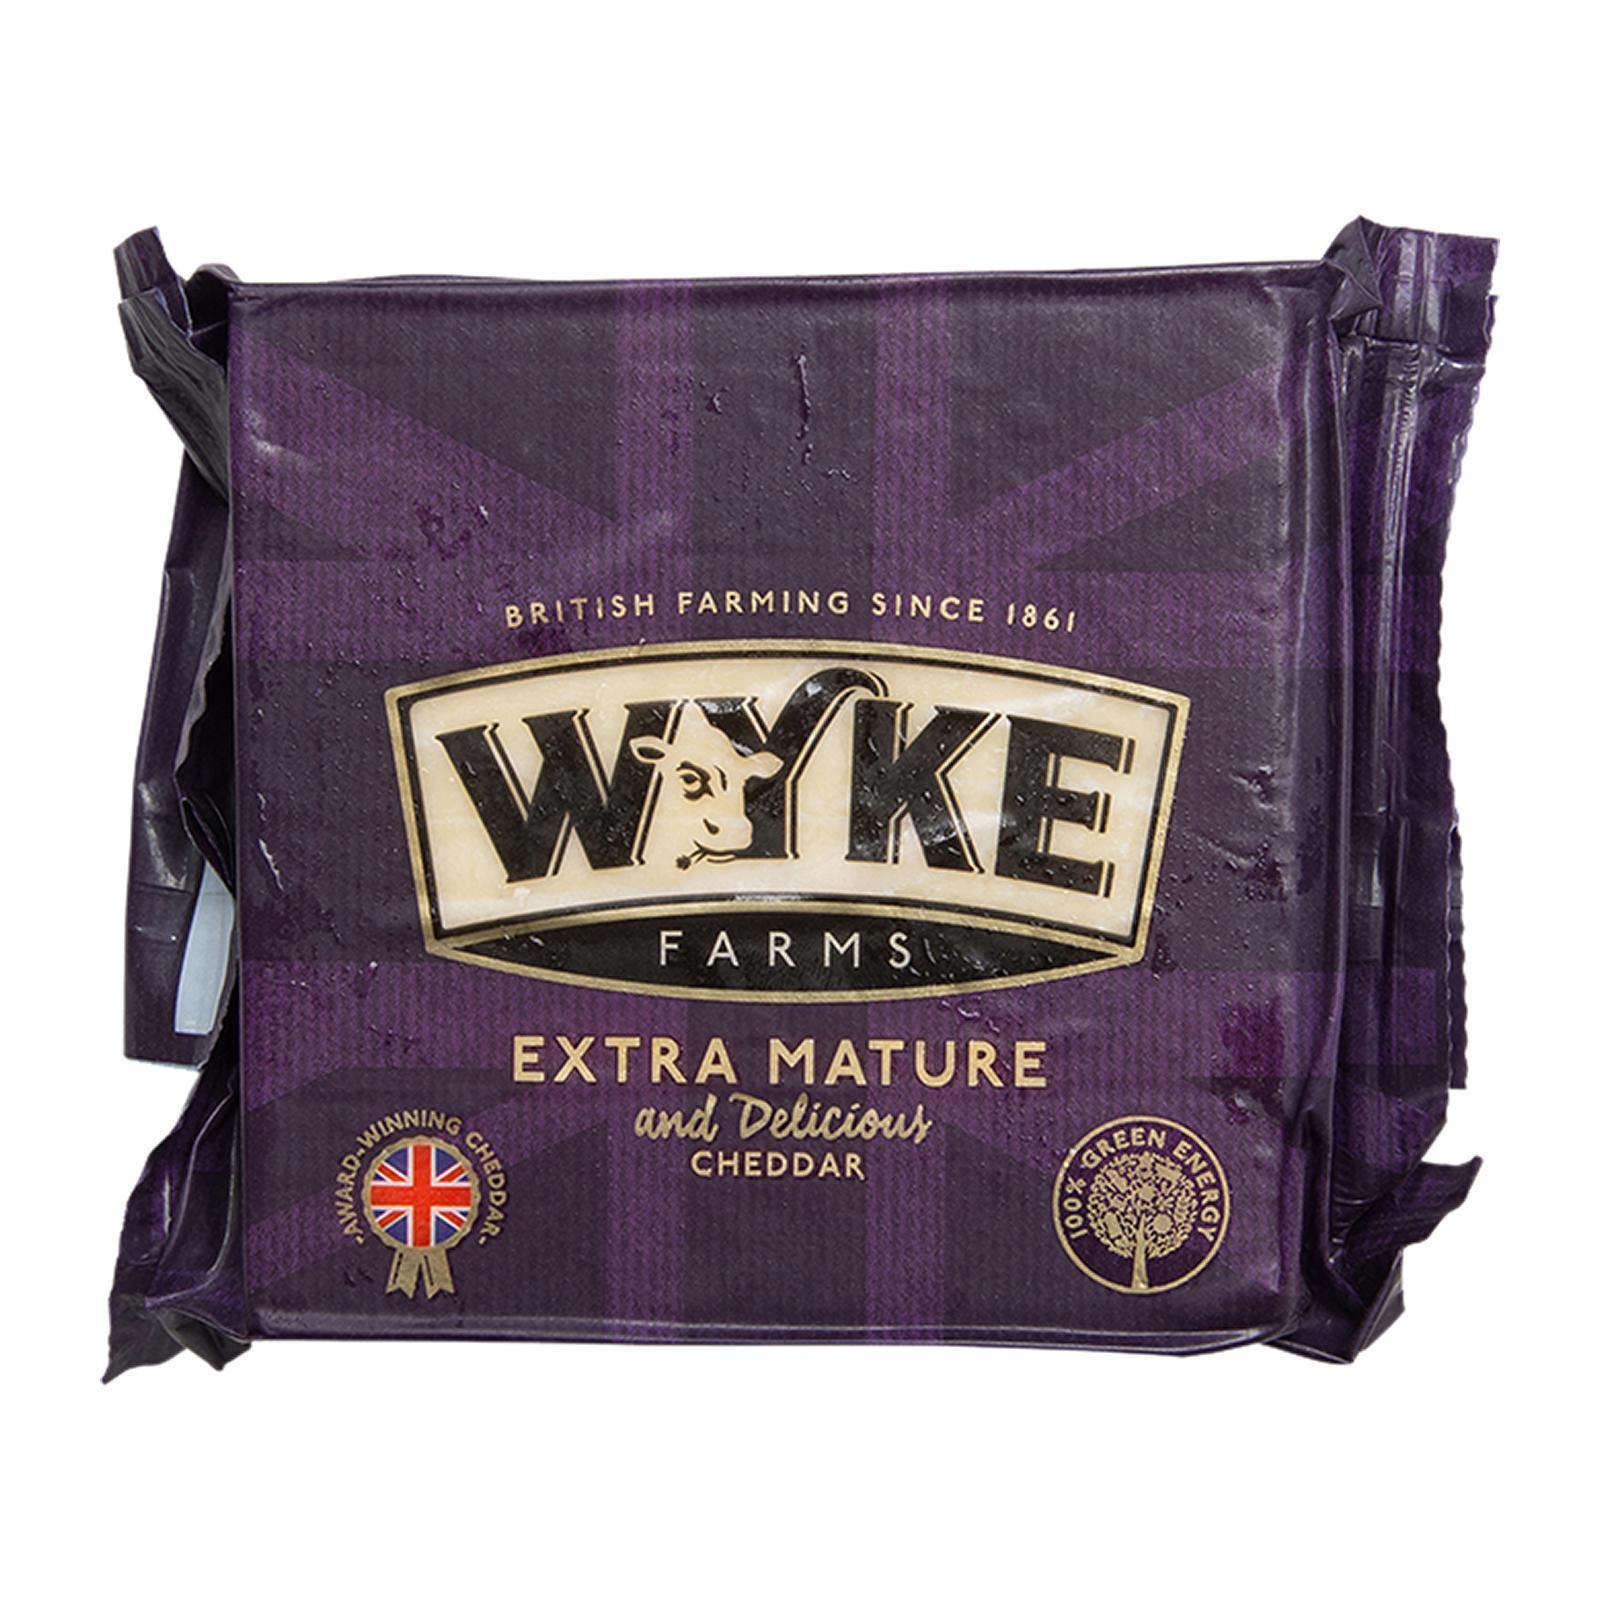 Wyke Farms Cheese Cheddar Ex Mature